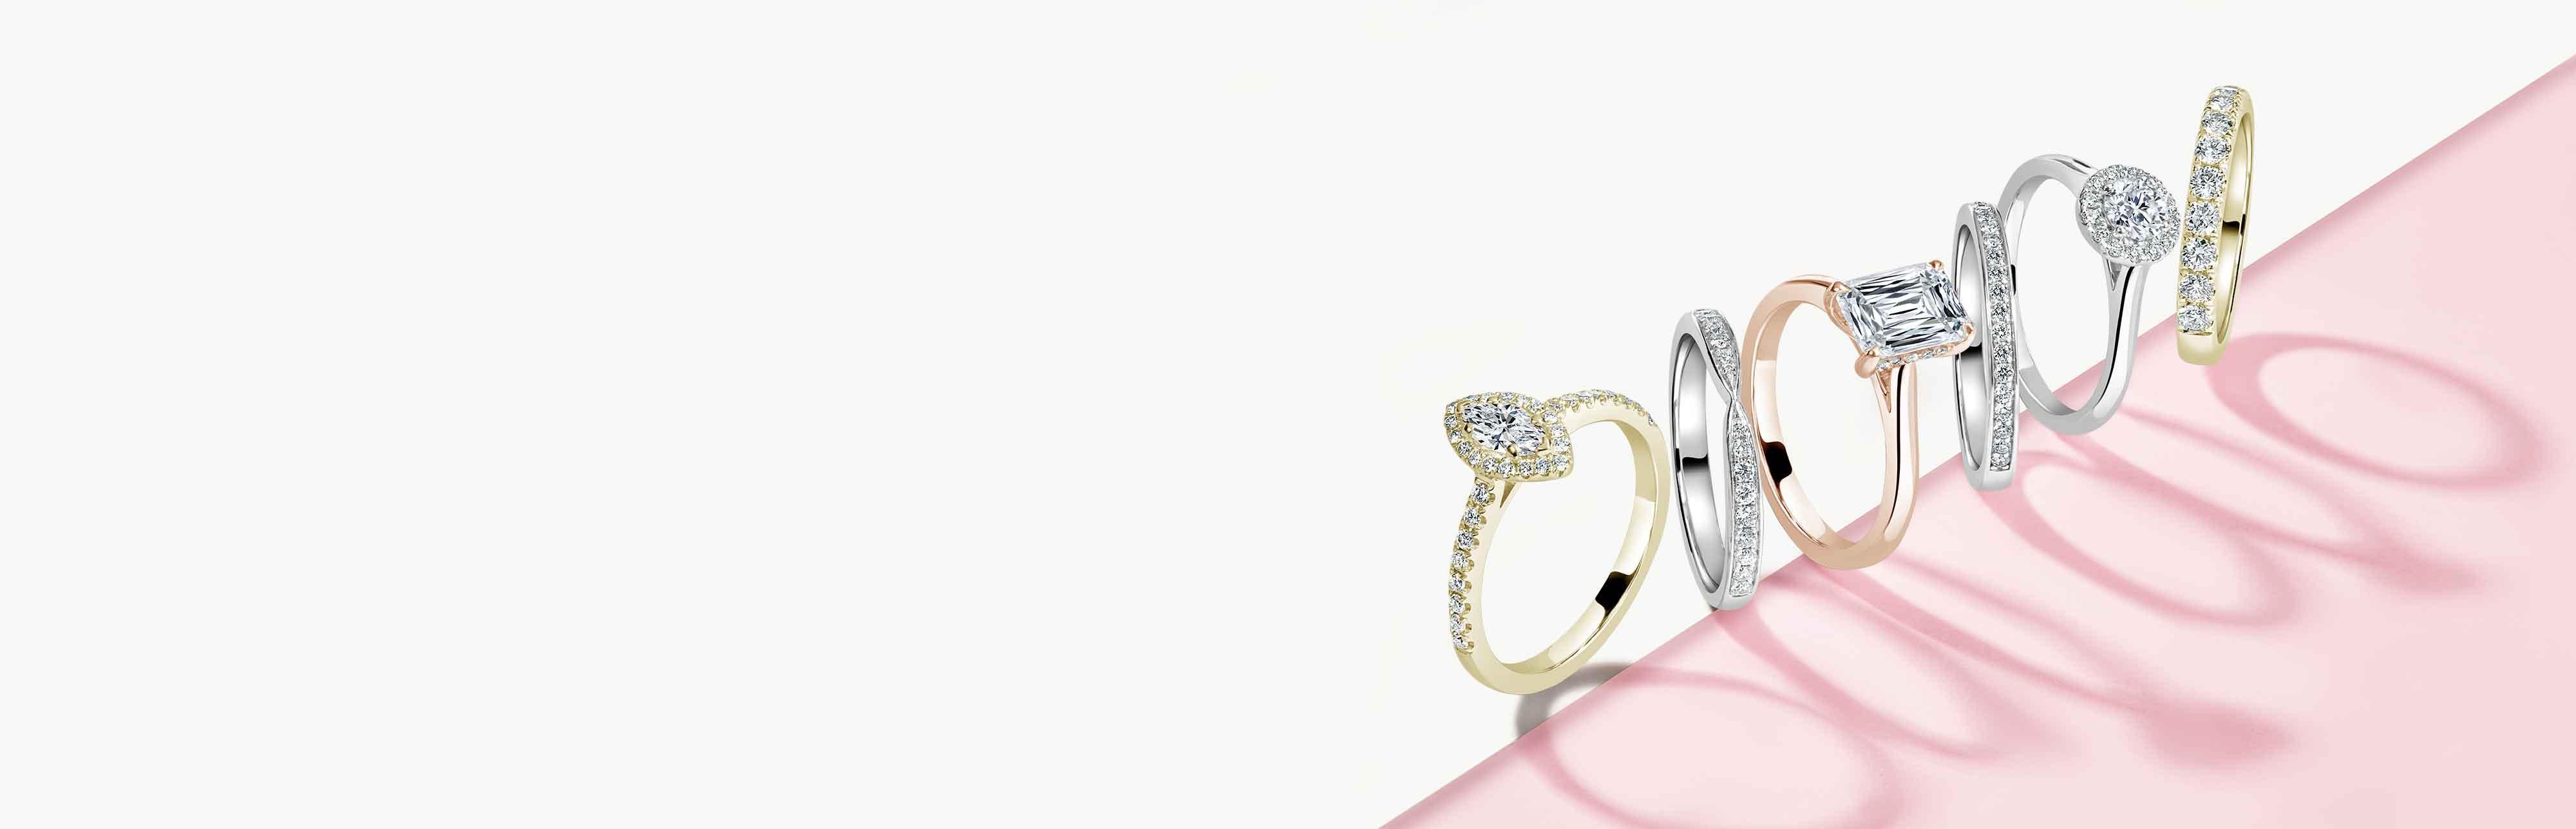 Platinum Round Brilliant Engagement Rings - Steven Stone